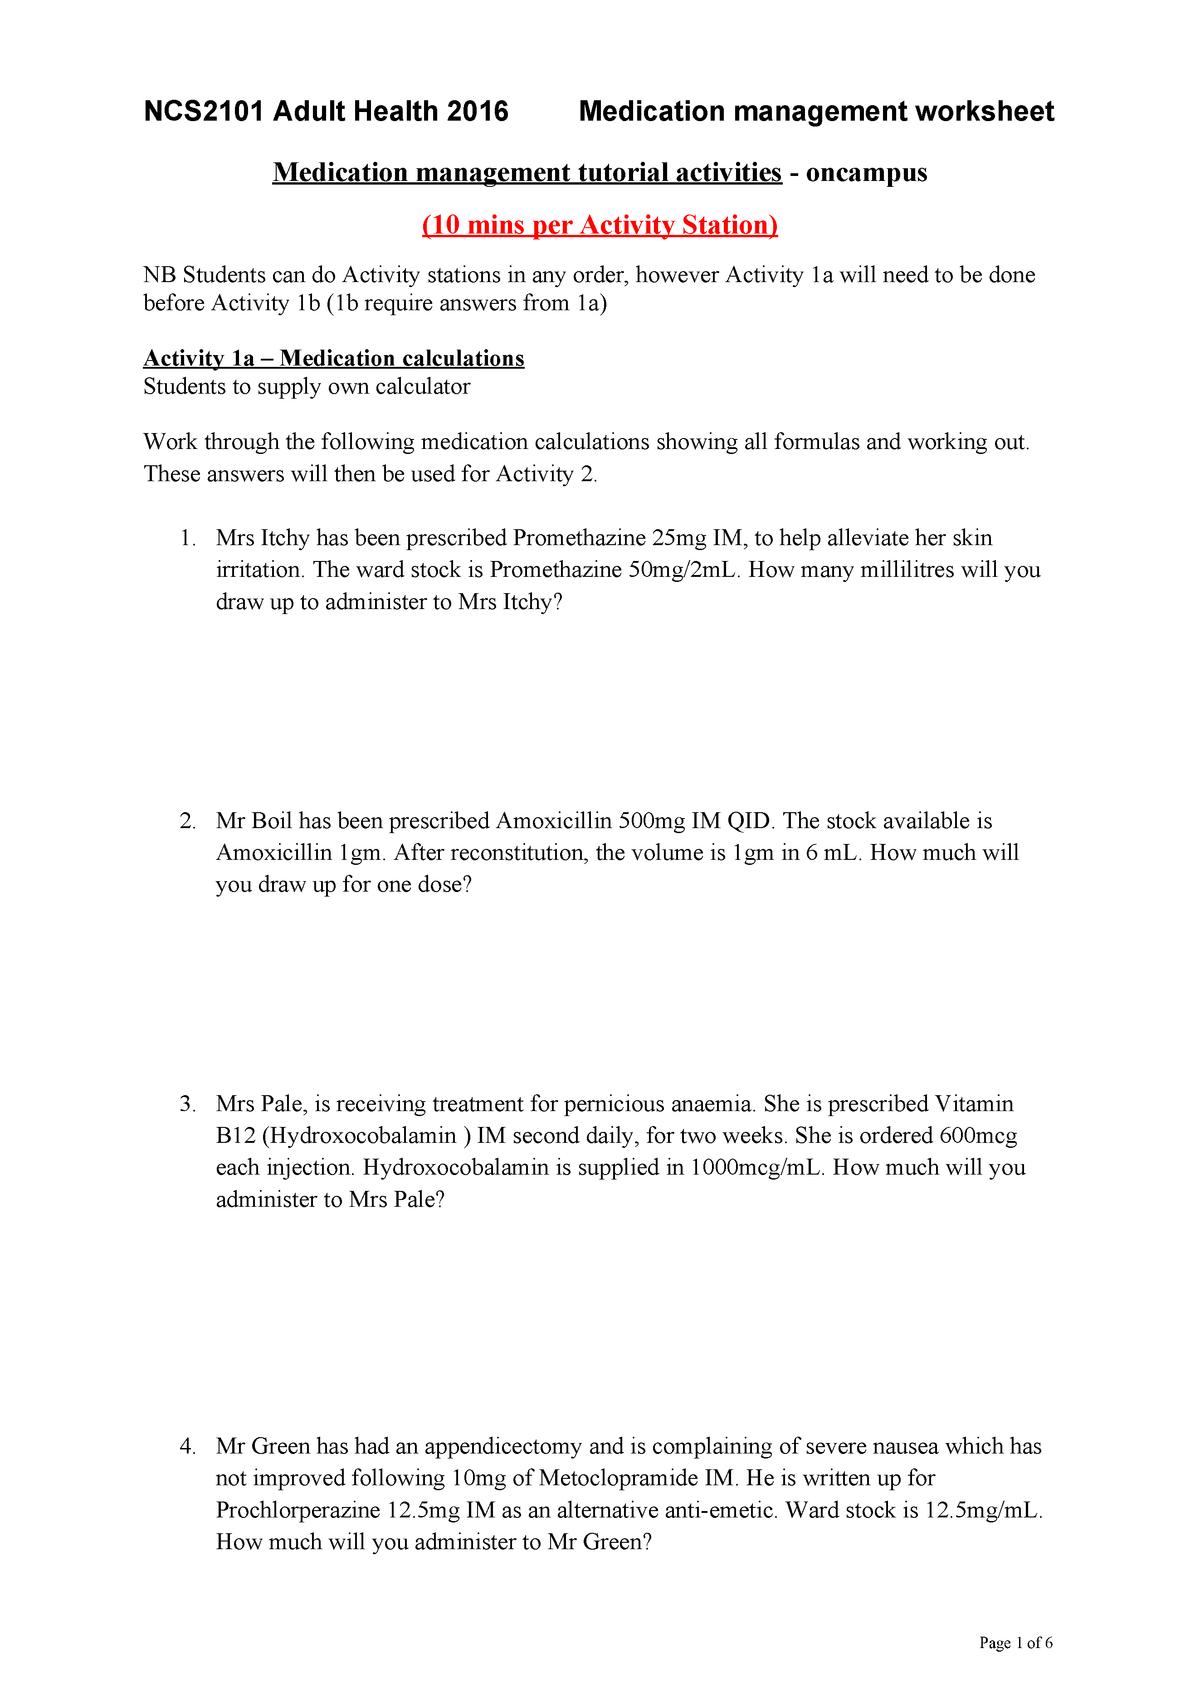 Medication Management Worksheet Oncampus Students